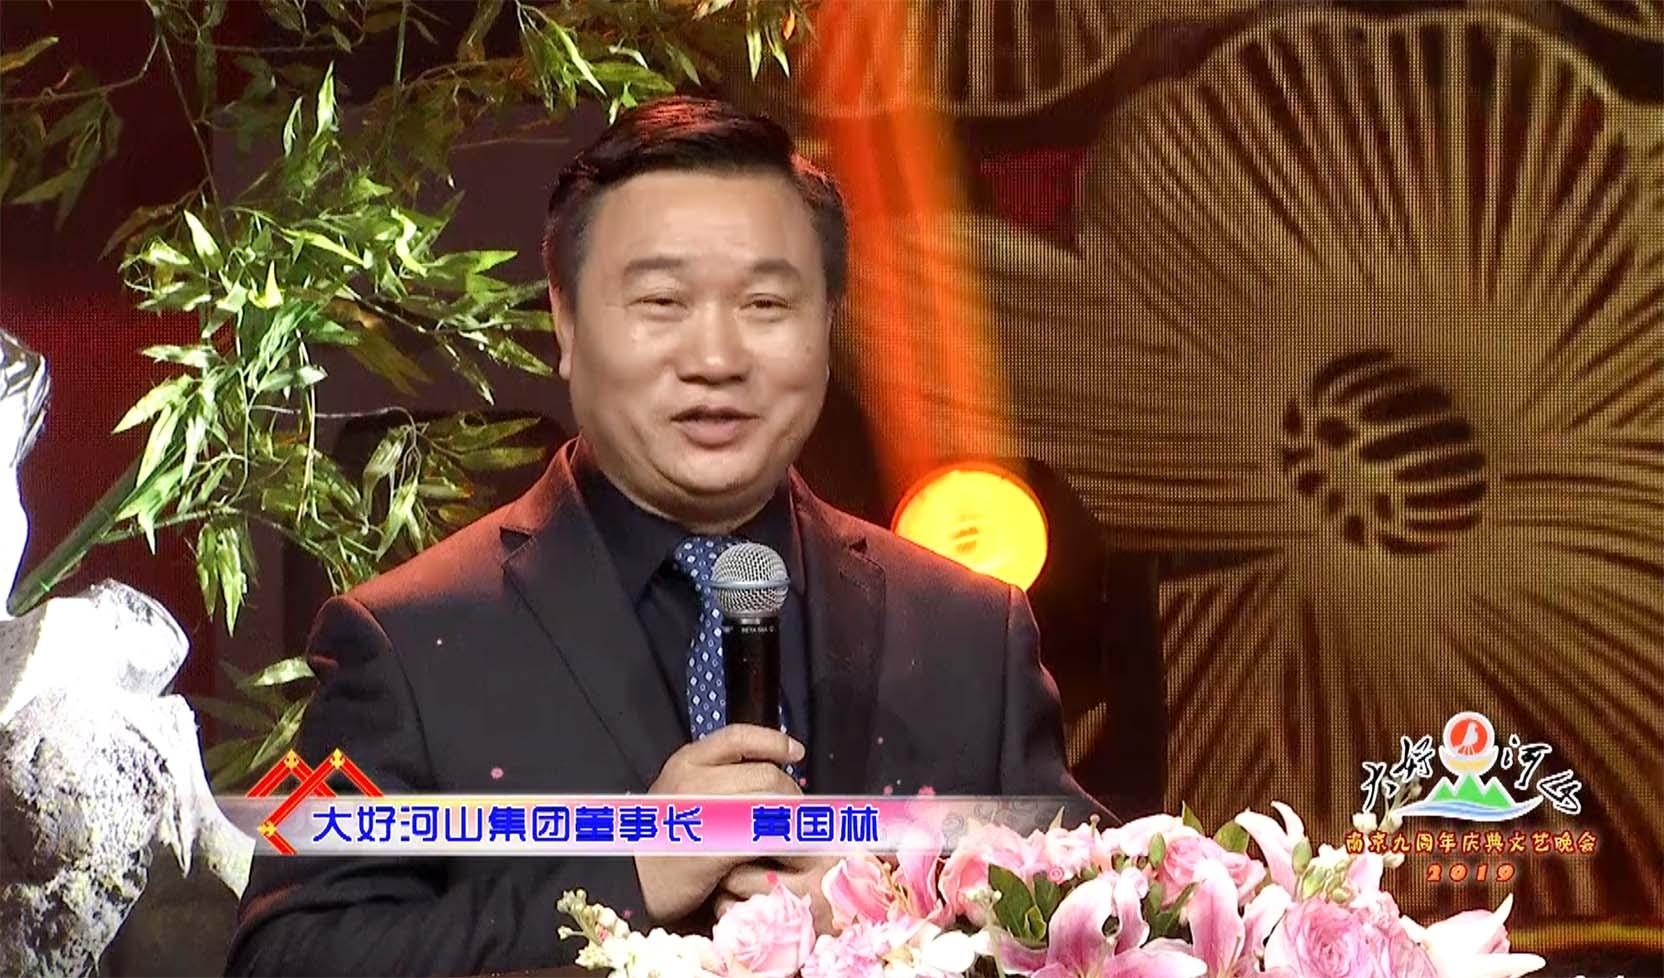 大好河山2019南京九周年庆典文艺晚会 黄国林董事长致辞